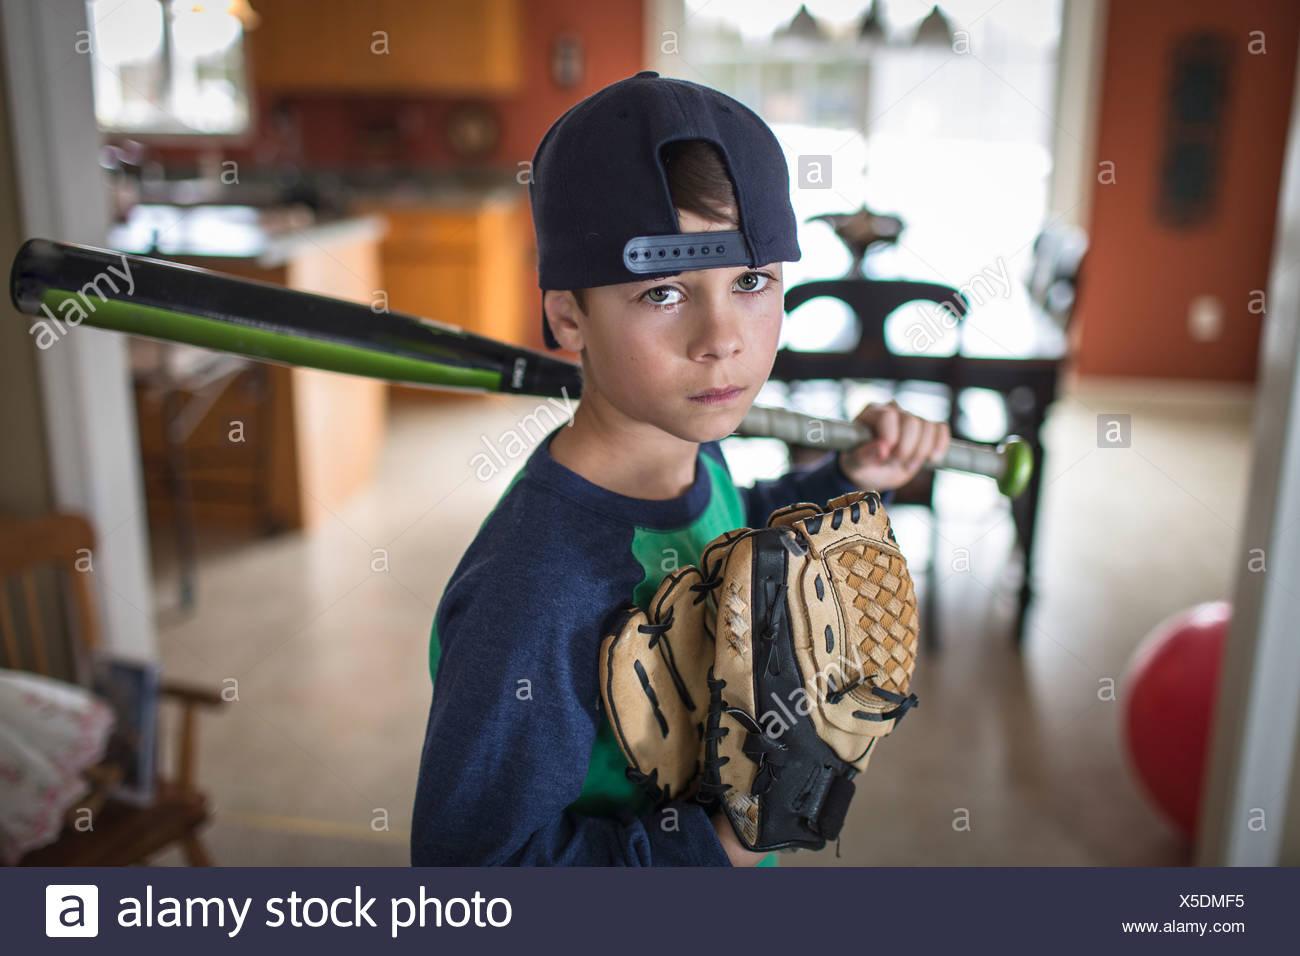 White Baseball Cap Stockfotos & White Baseball Cap Bilder - Alamy